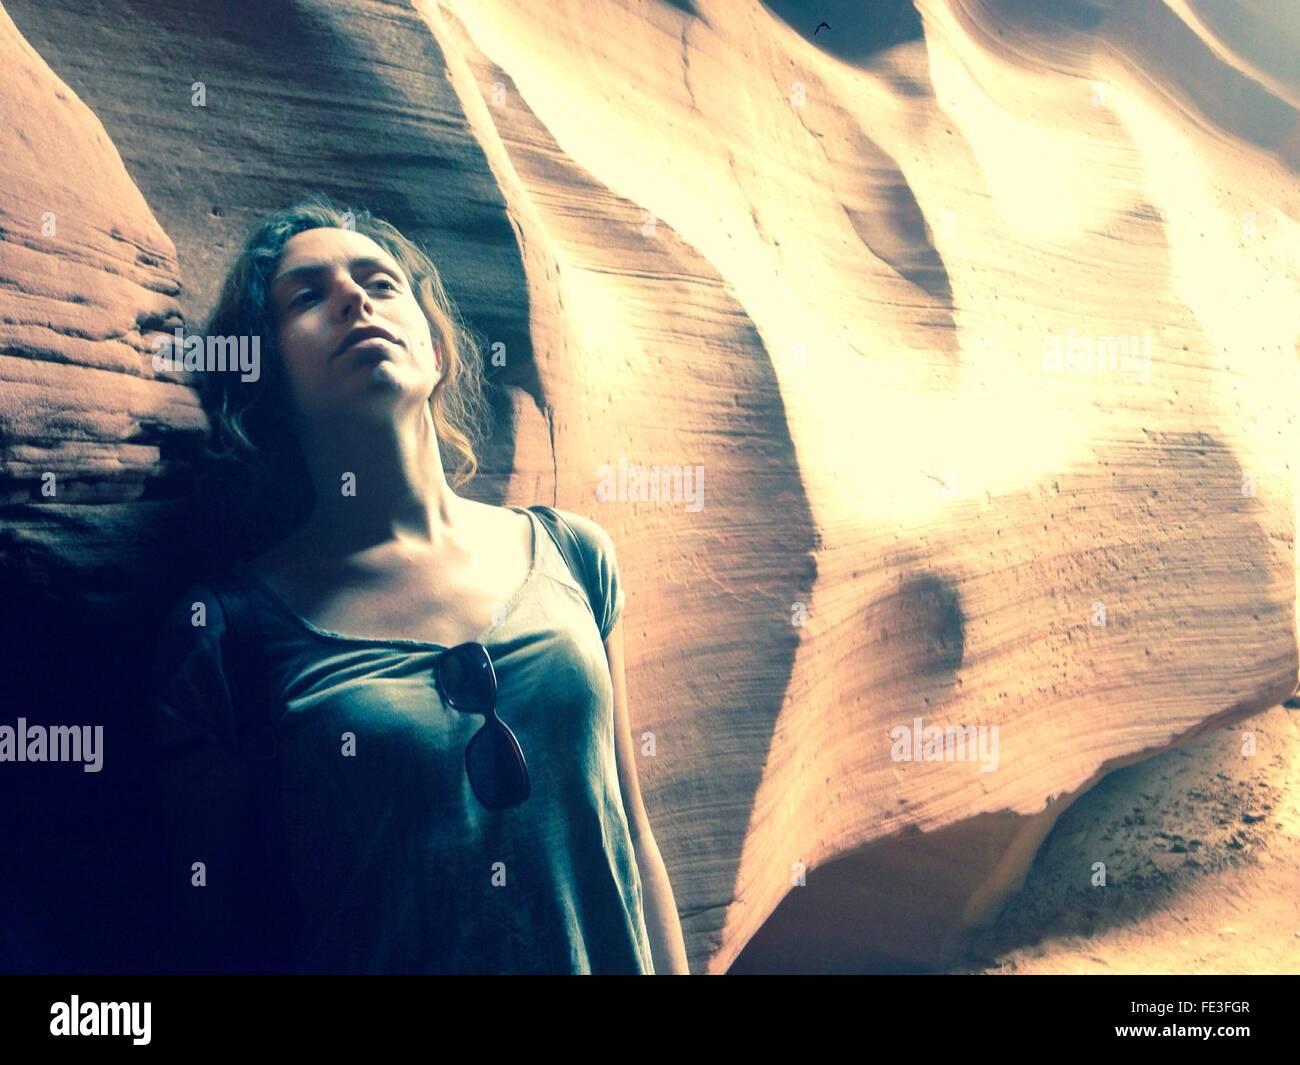 Retrato de mujer joven con arenisca Imagen De Stock